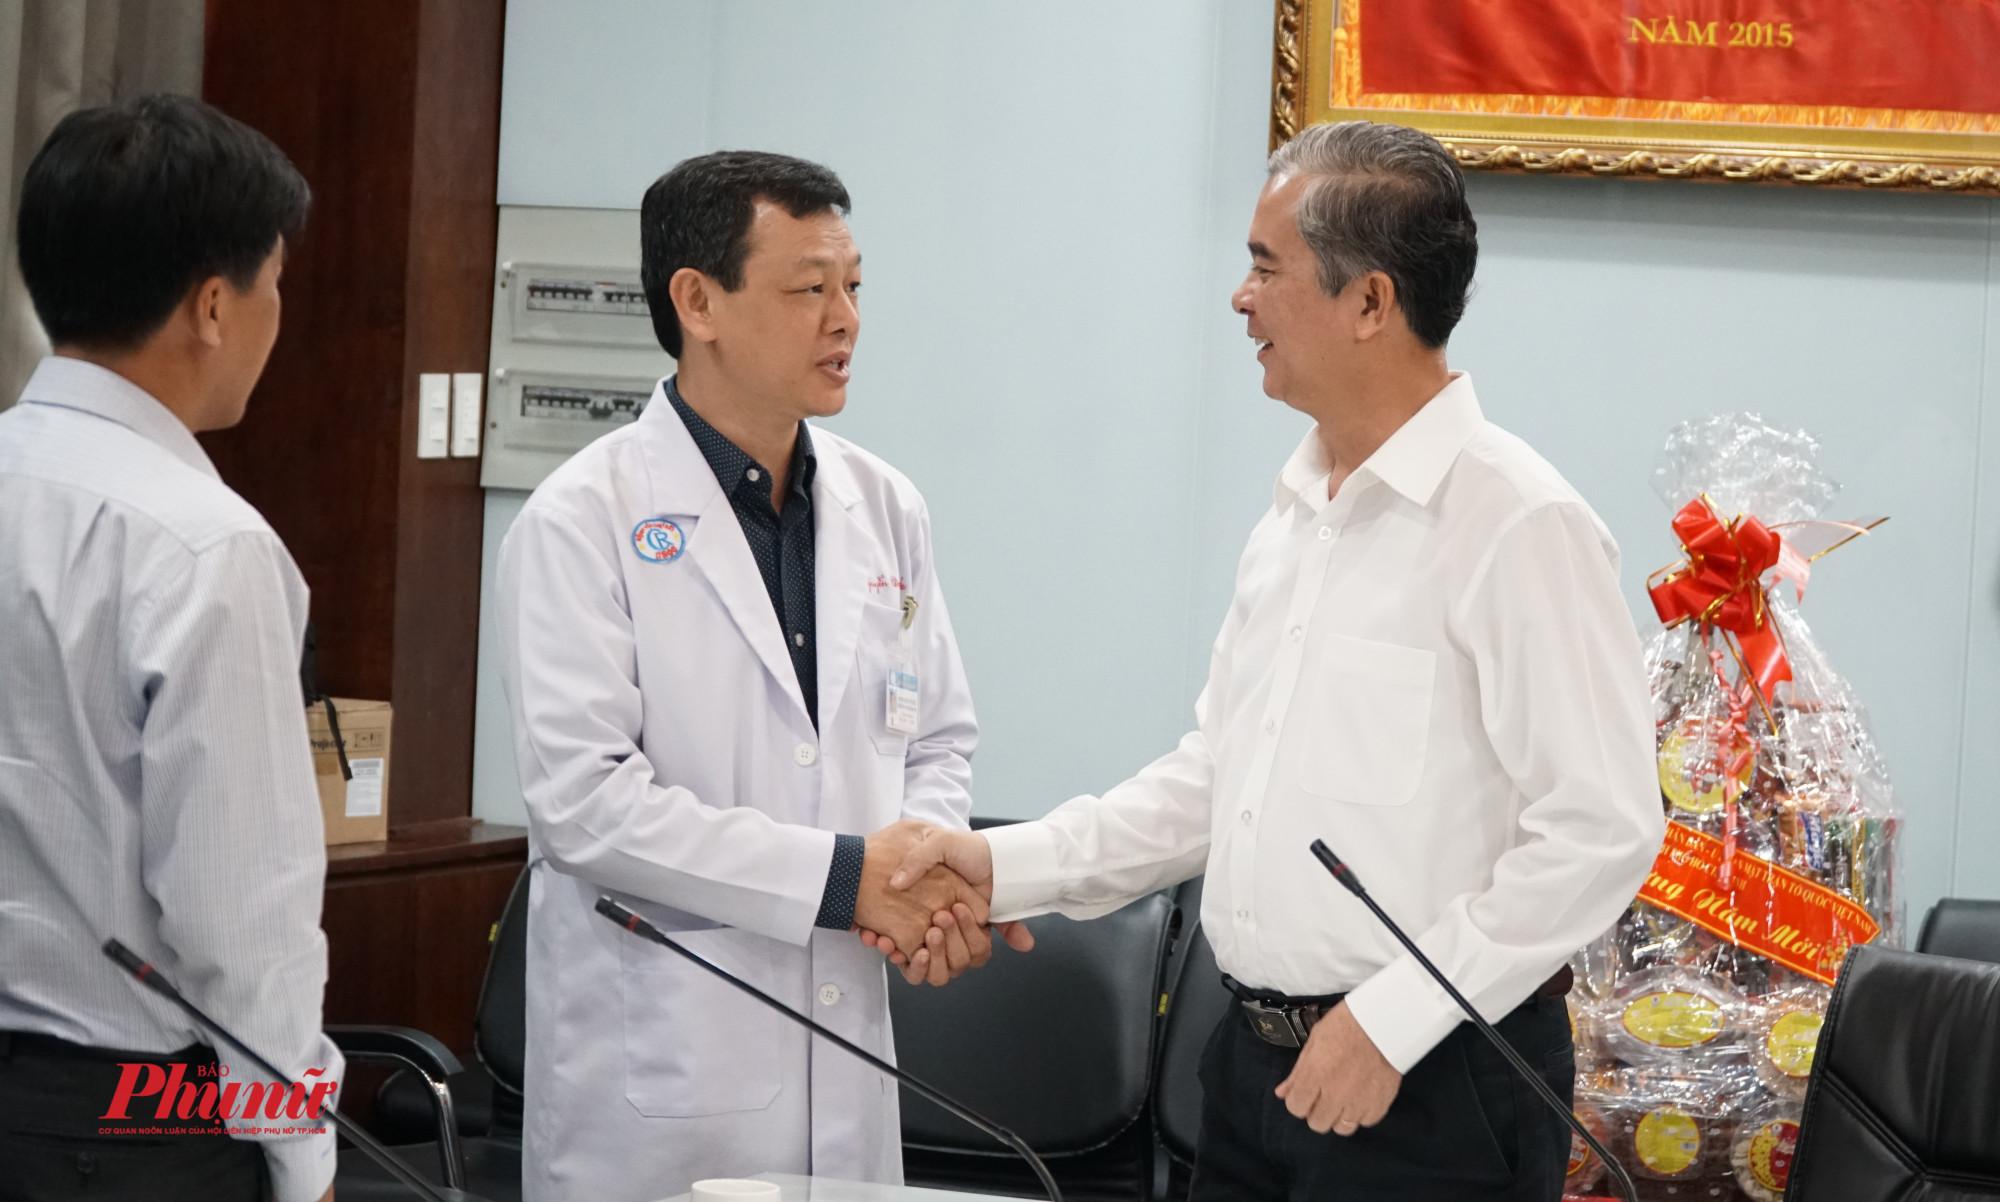 Giám đốc bệnh viện, bác sĩ Nguyễn Tri Thức cám ơn lãnh đạo thành phố đã đến thăm và chúc mừng